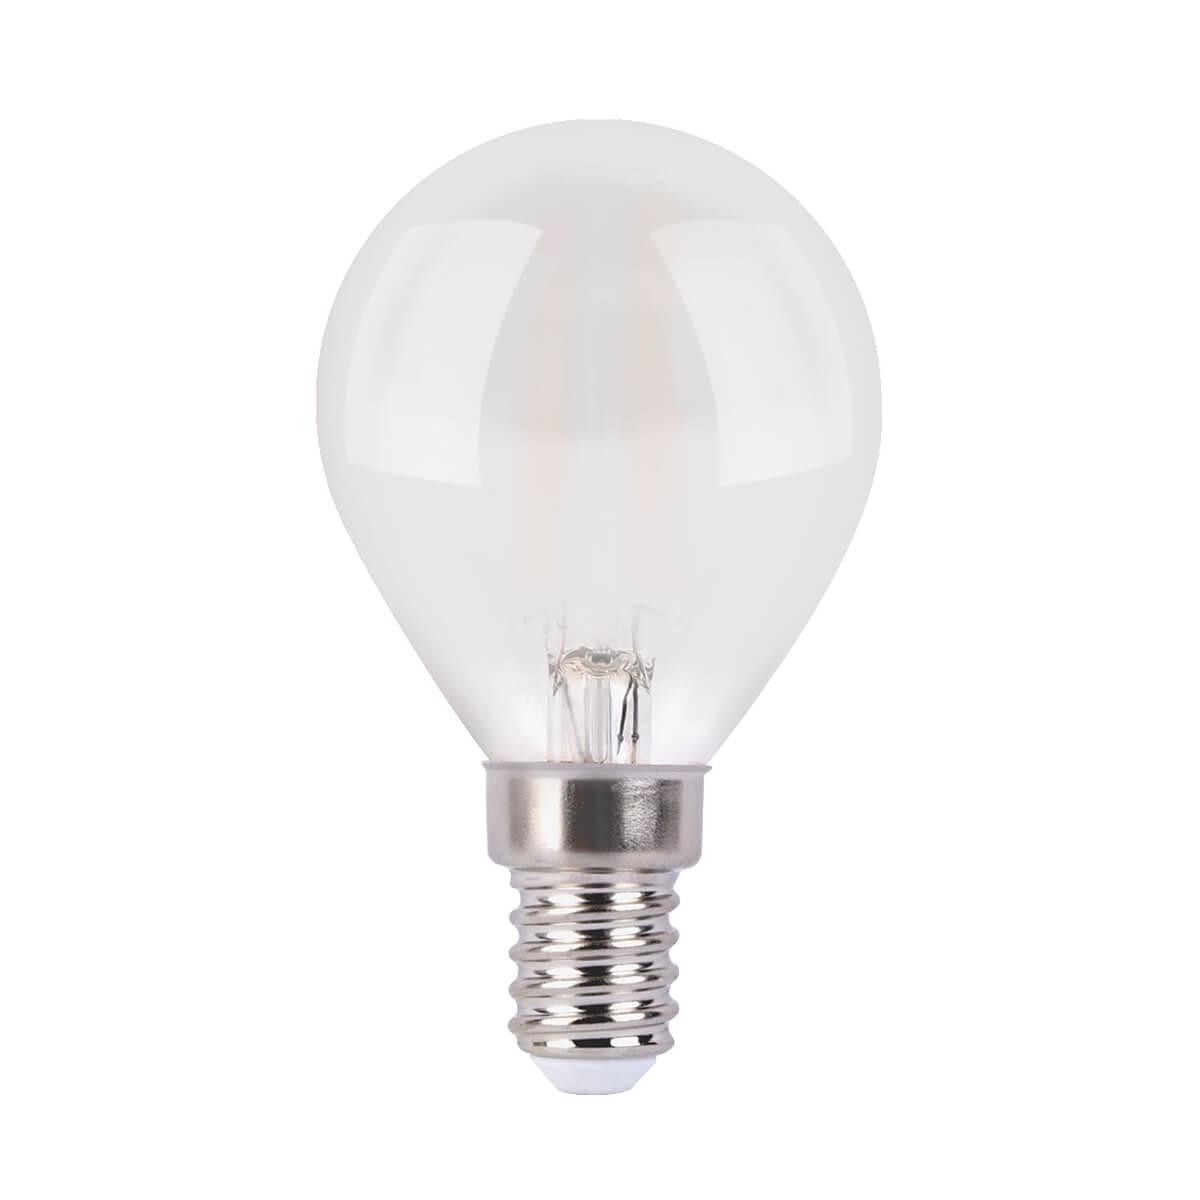 купить Лампа светодиодная филаментная Elektrostandard F E14 6W 4200K матовая 4690389108310 по цене 150 рублей